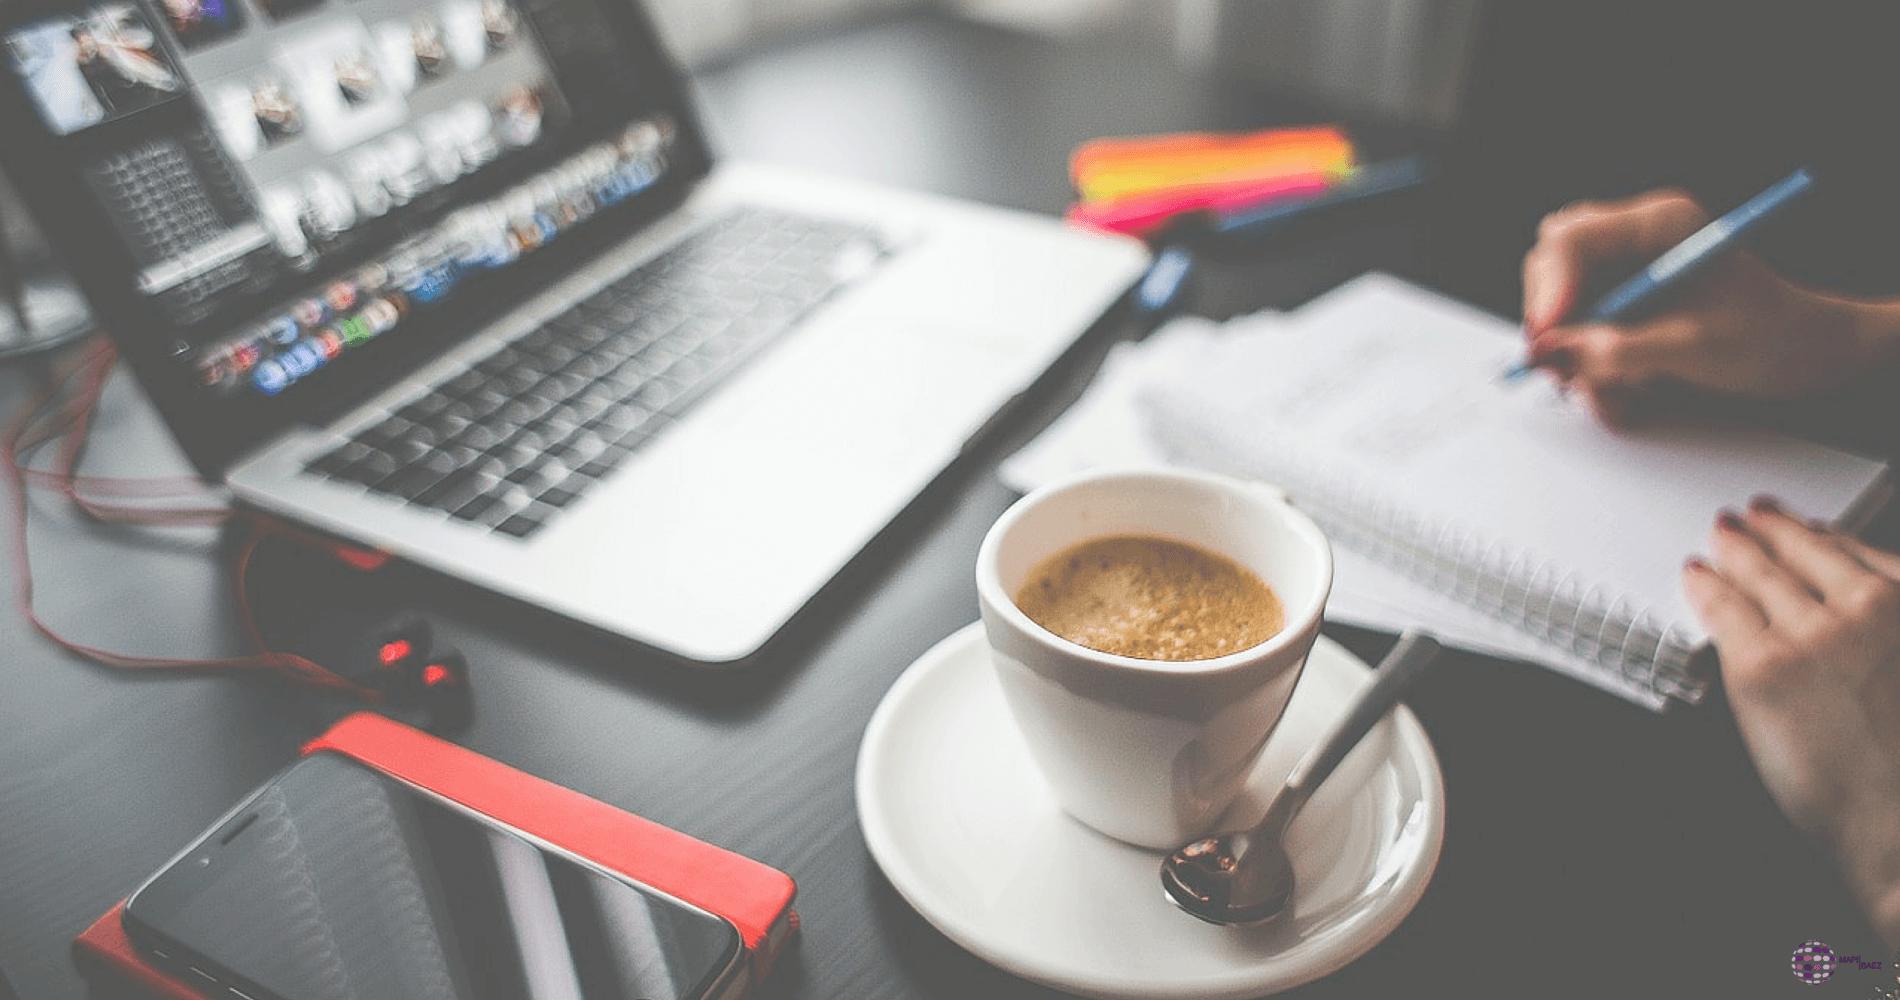 Cómo mejoré mi productividad abandonando Facebook